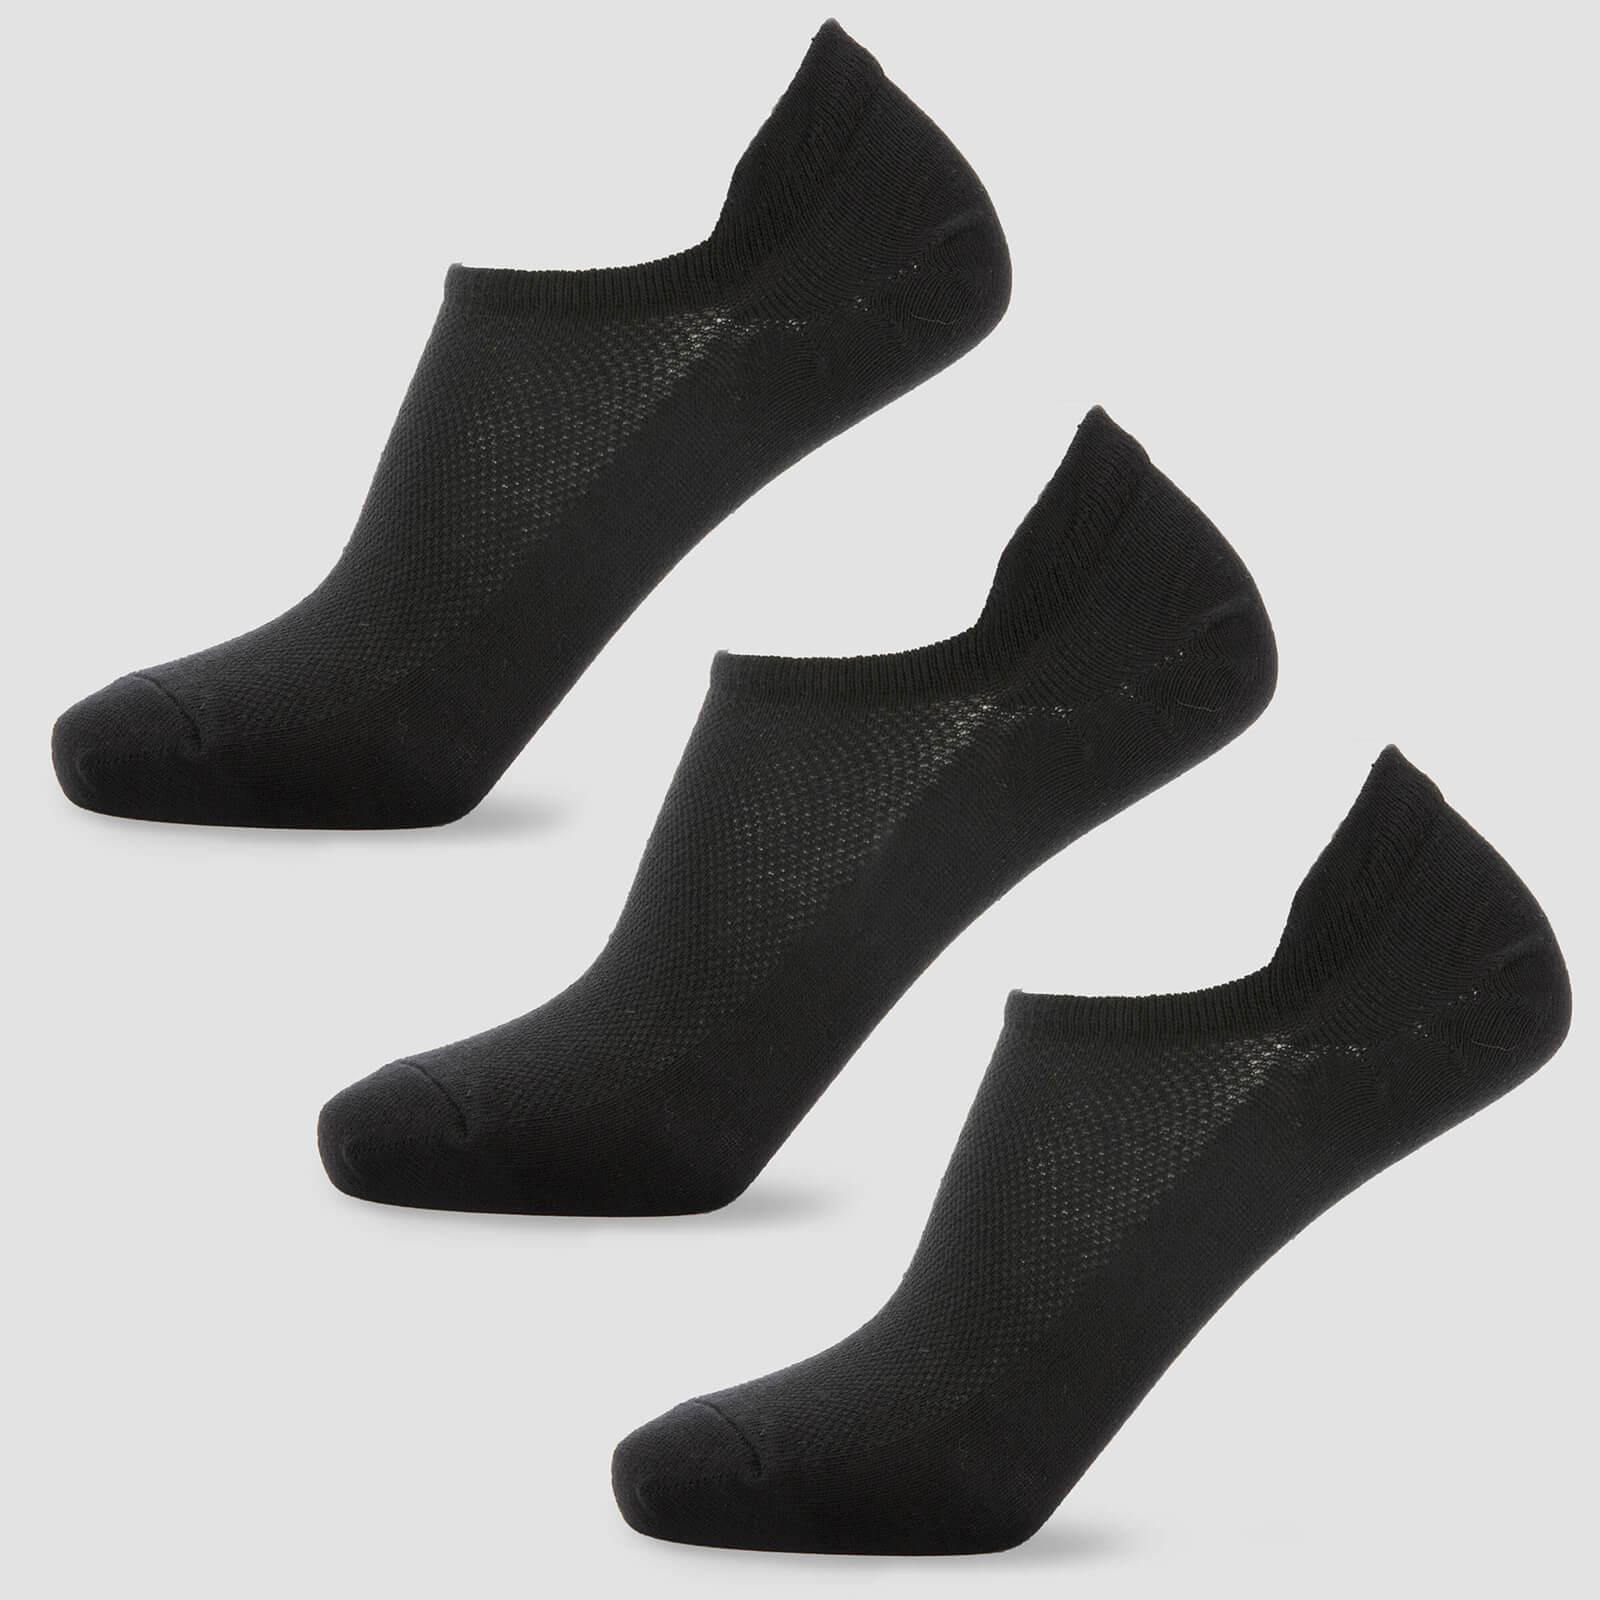 Myprotein Chaussettes courtes pour femme - Noires - UK 3-6